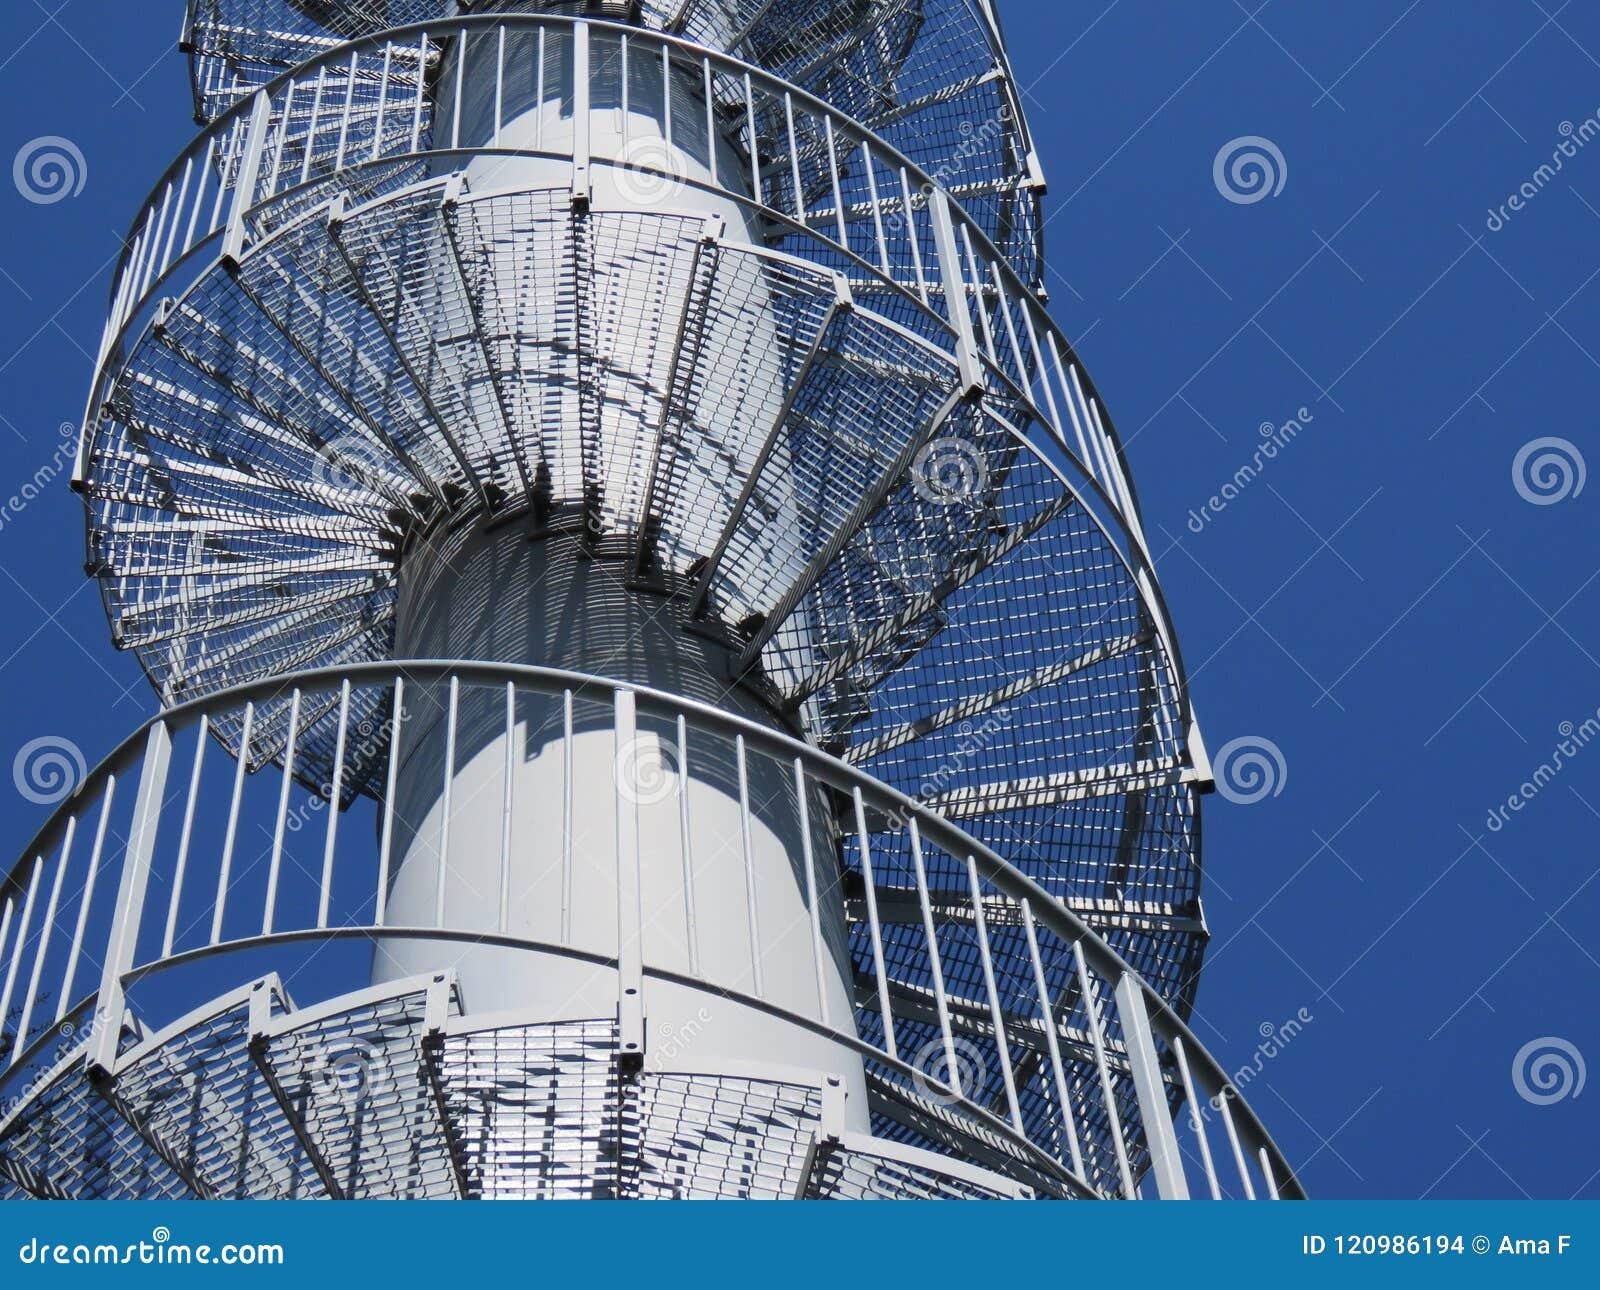 Escaleras giratorias del metal - modelos geométricos